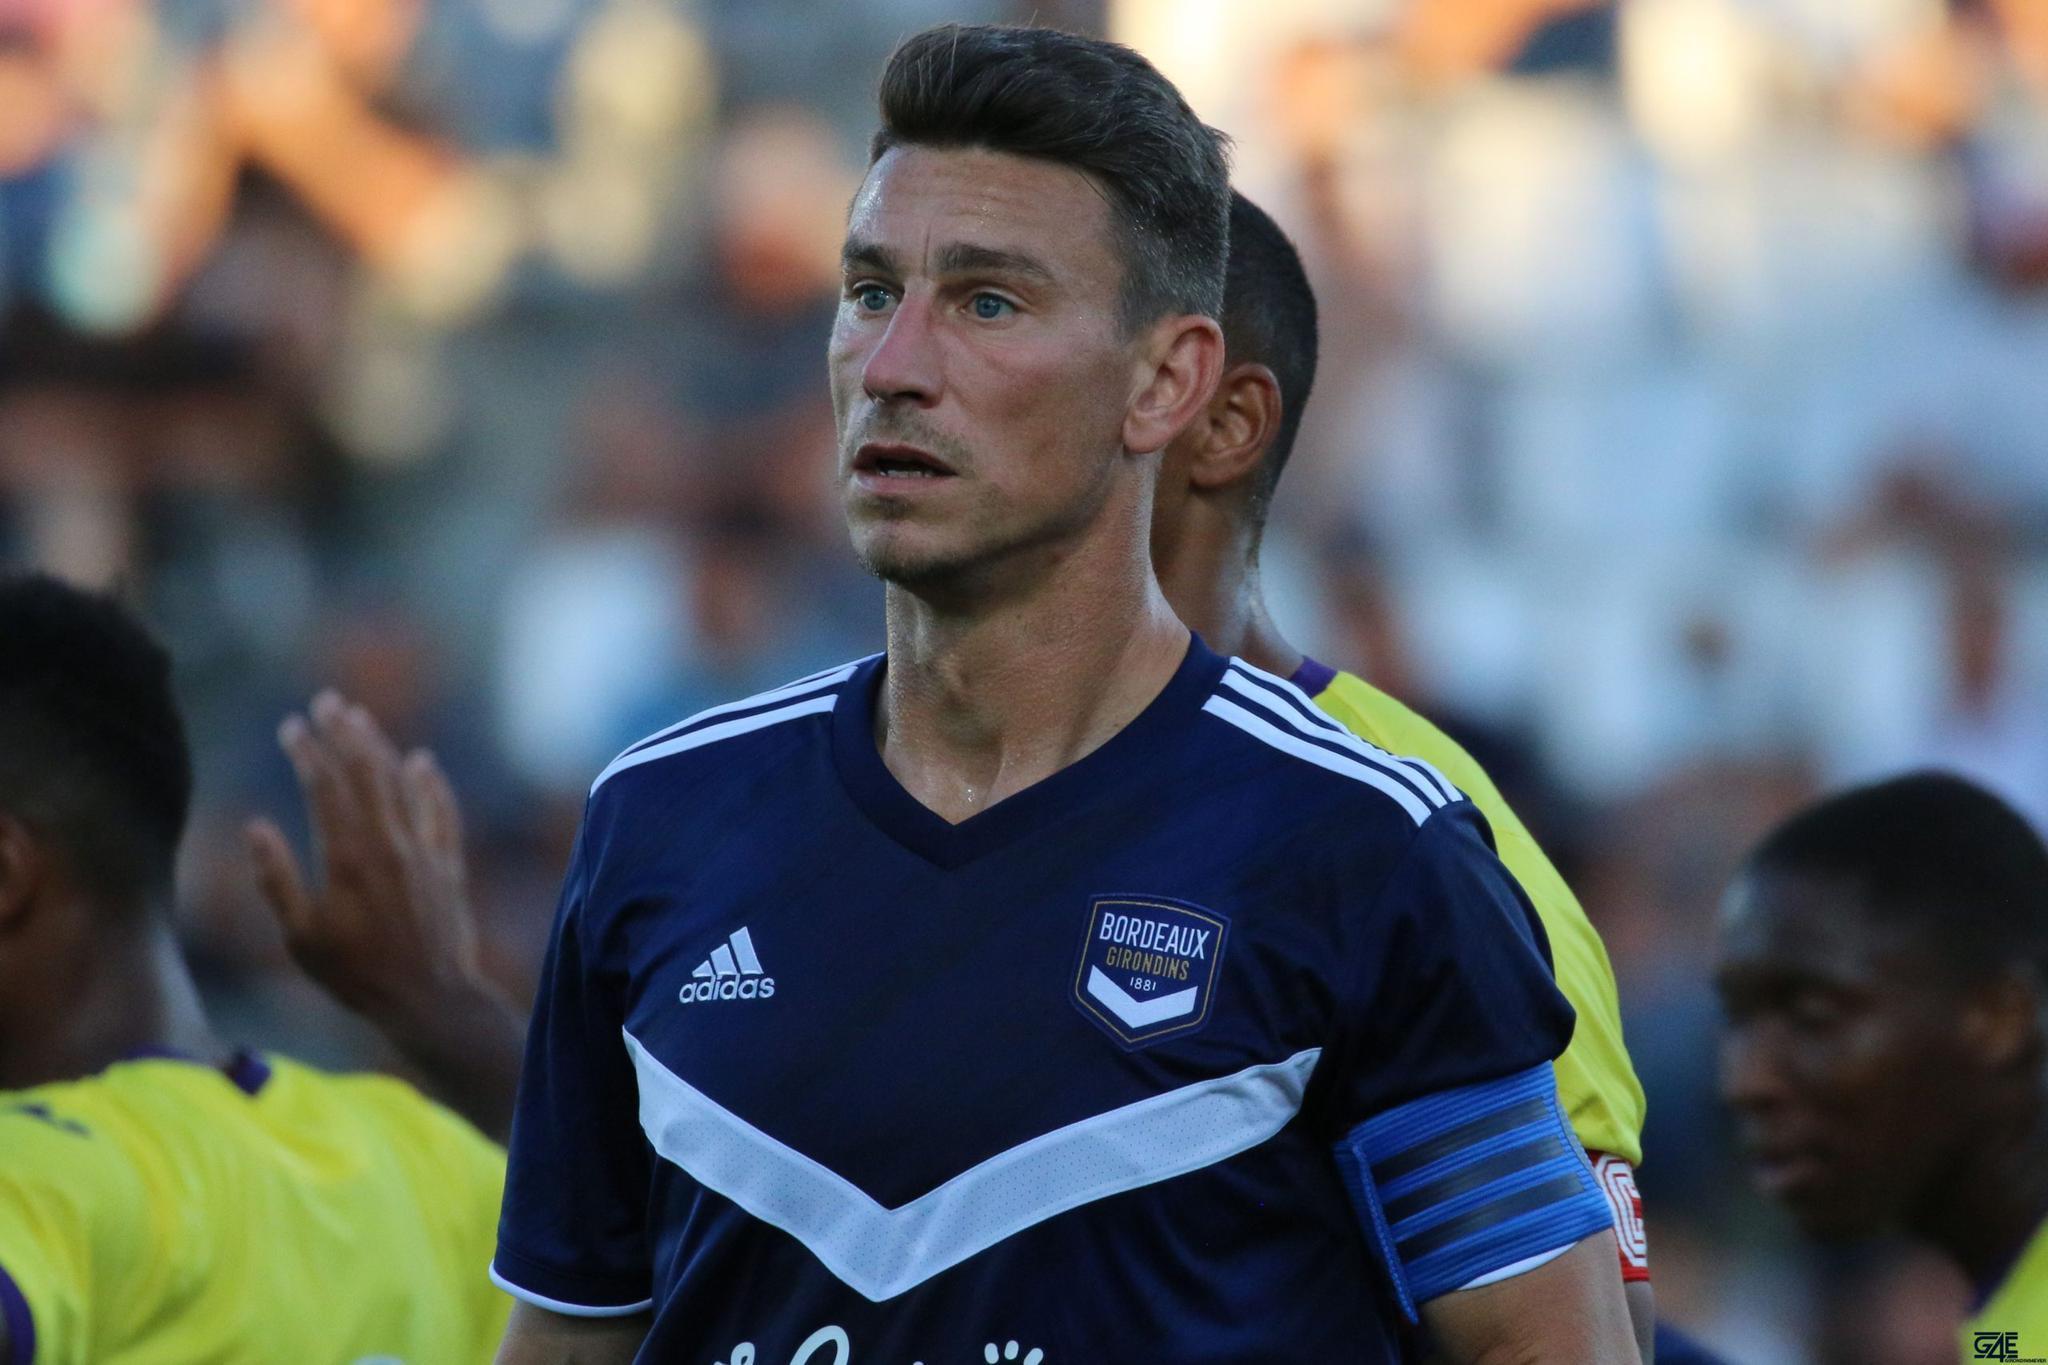 波尔多新赛季的球队队长:科斯切尔尼!